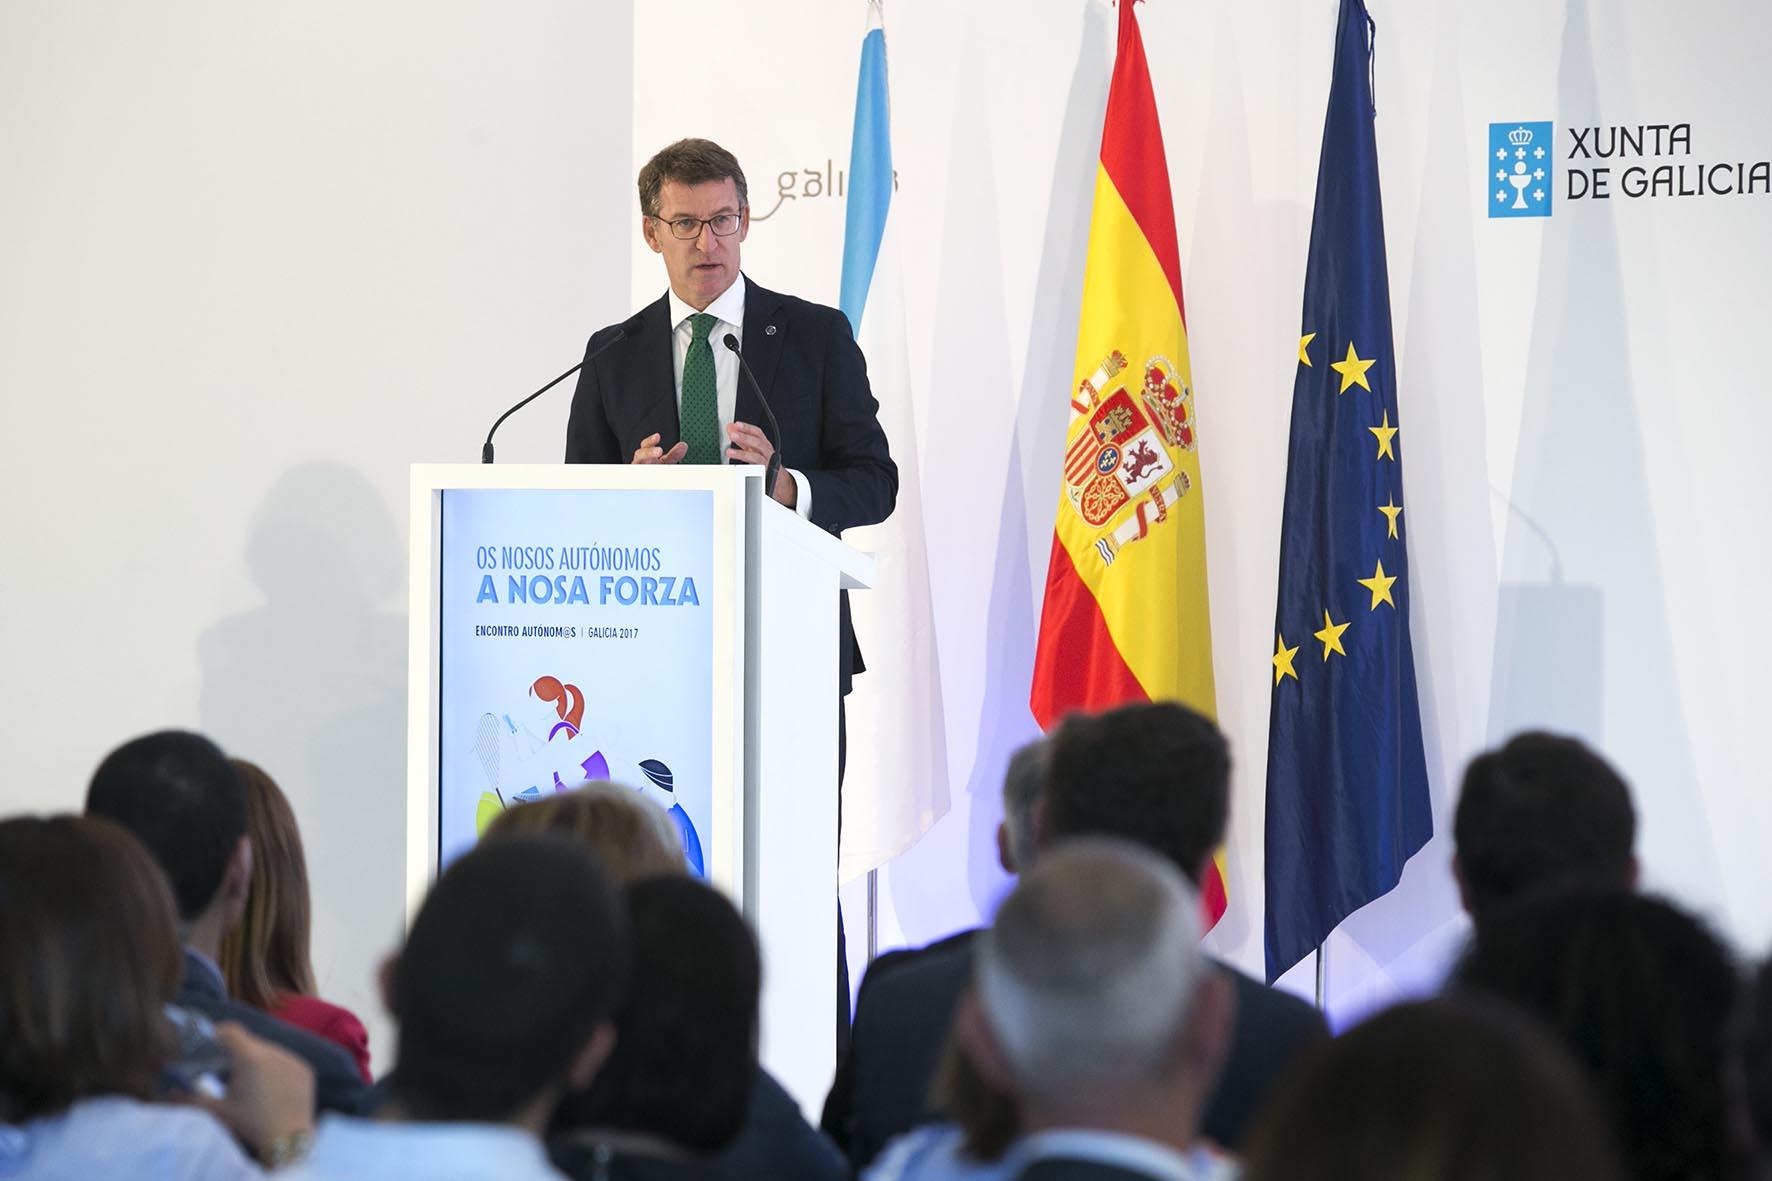 Intervención del presidente de la Xunta en la encuentro de autónomos